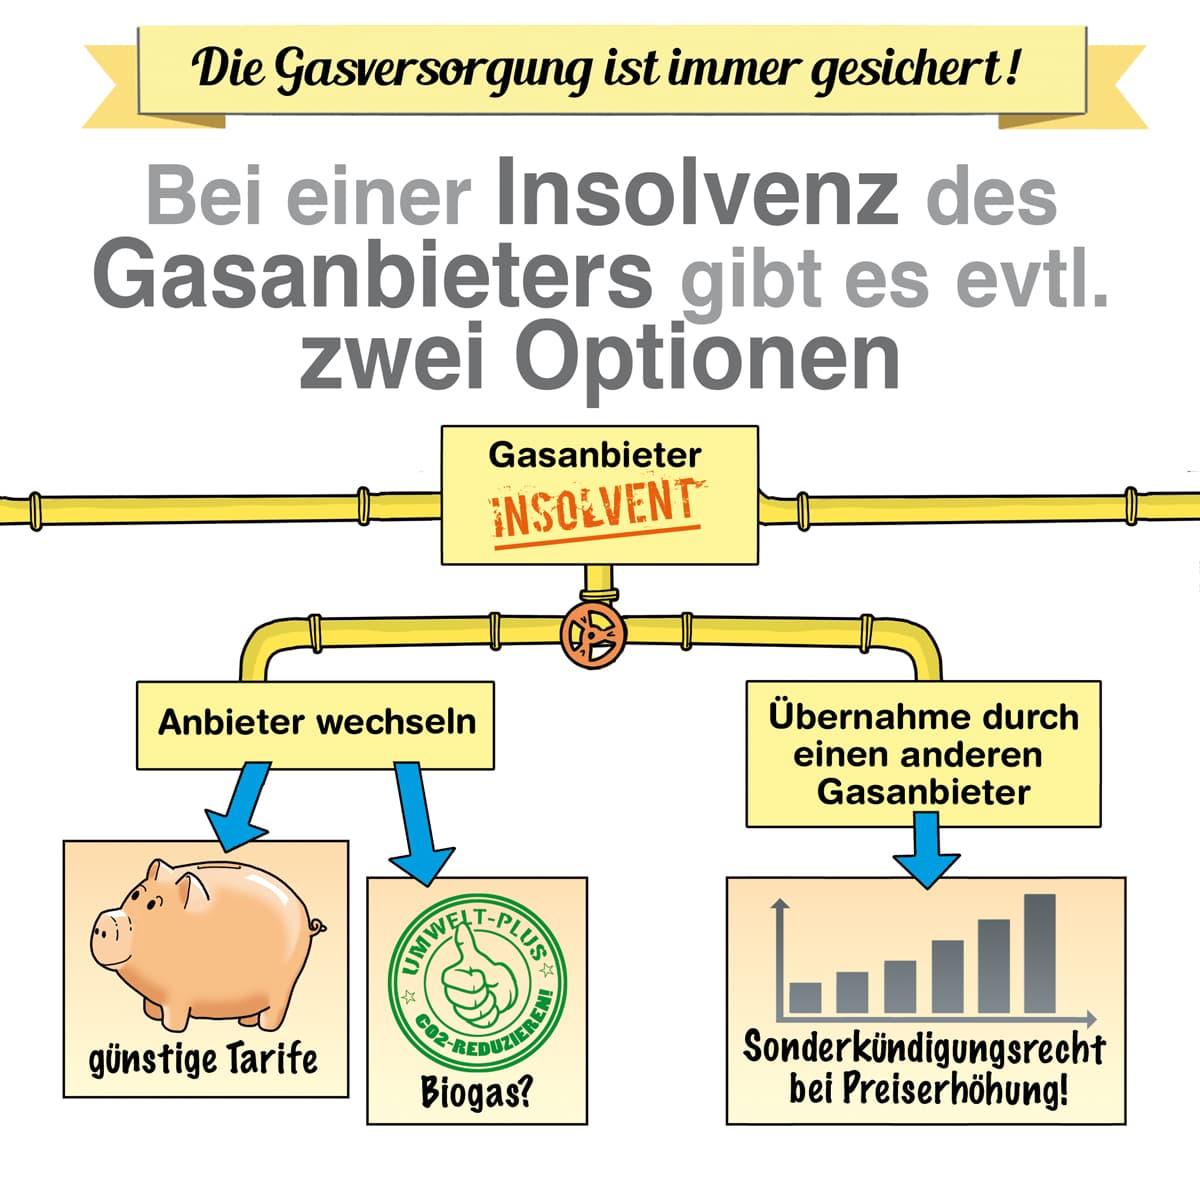 Bei einer Insolvenz des gasanbieters gibt es evtl. zwei Optionen